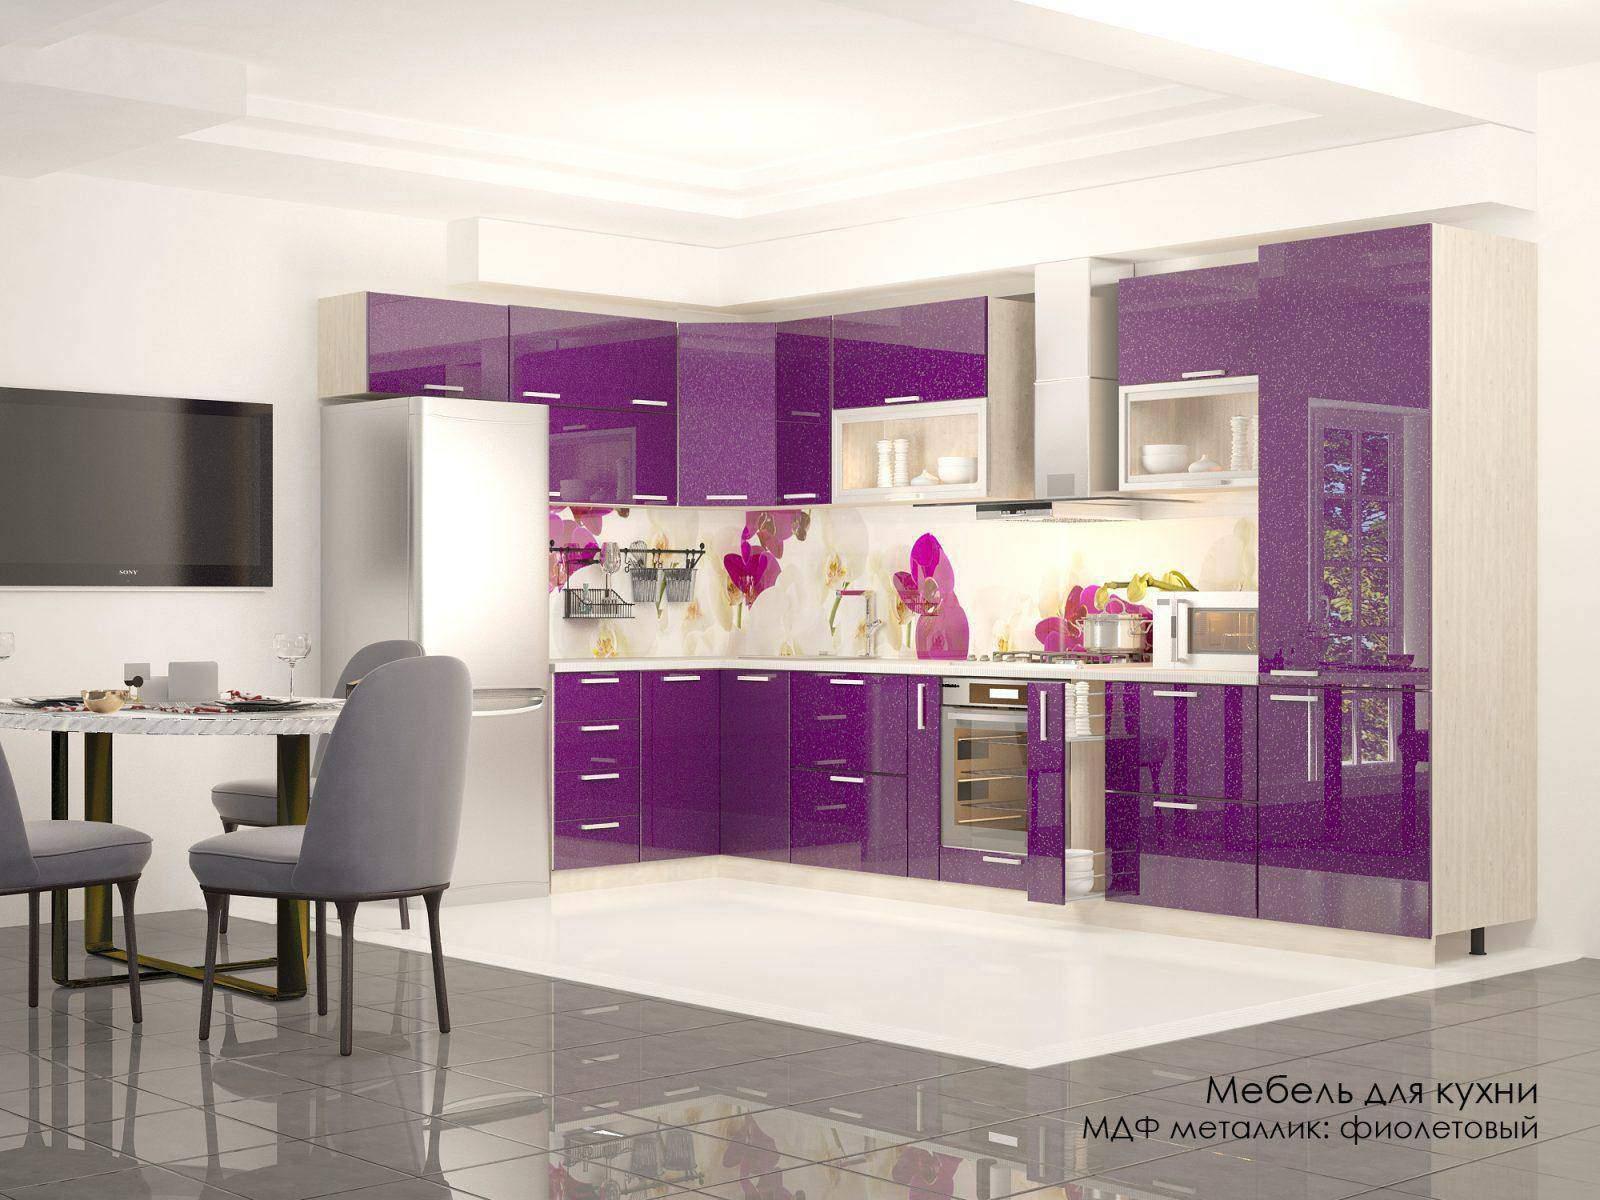 Кухни с подсветкой фото дизайн харибда